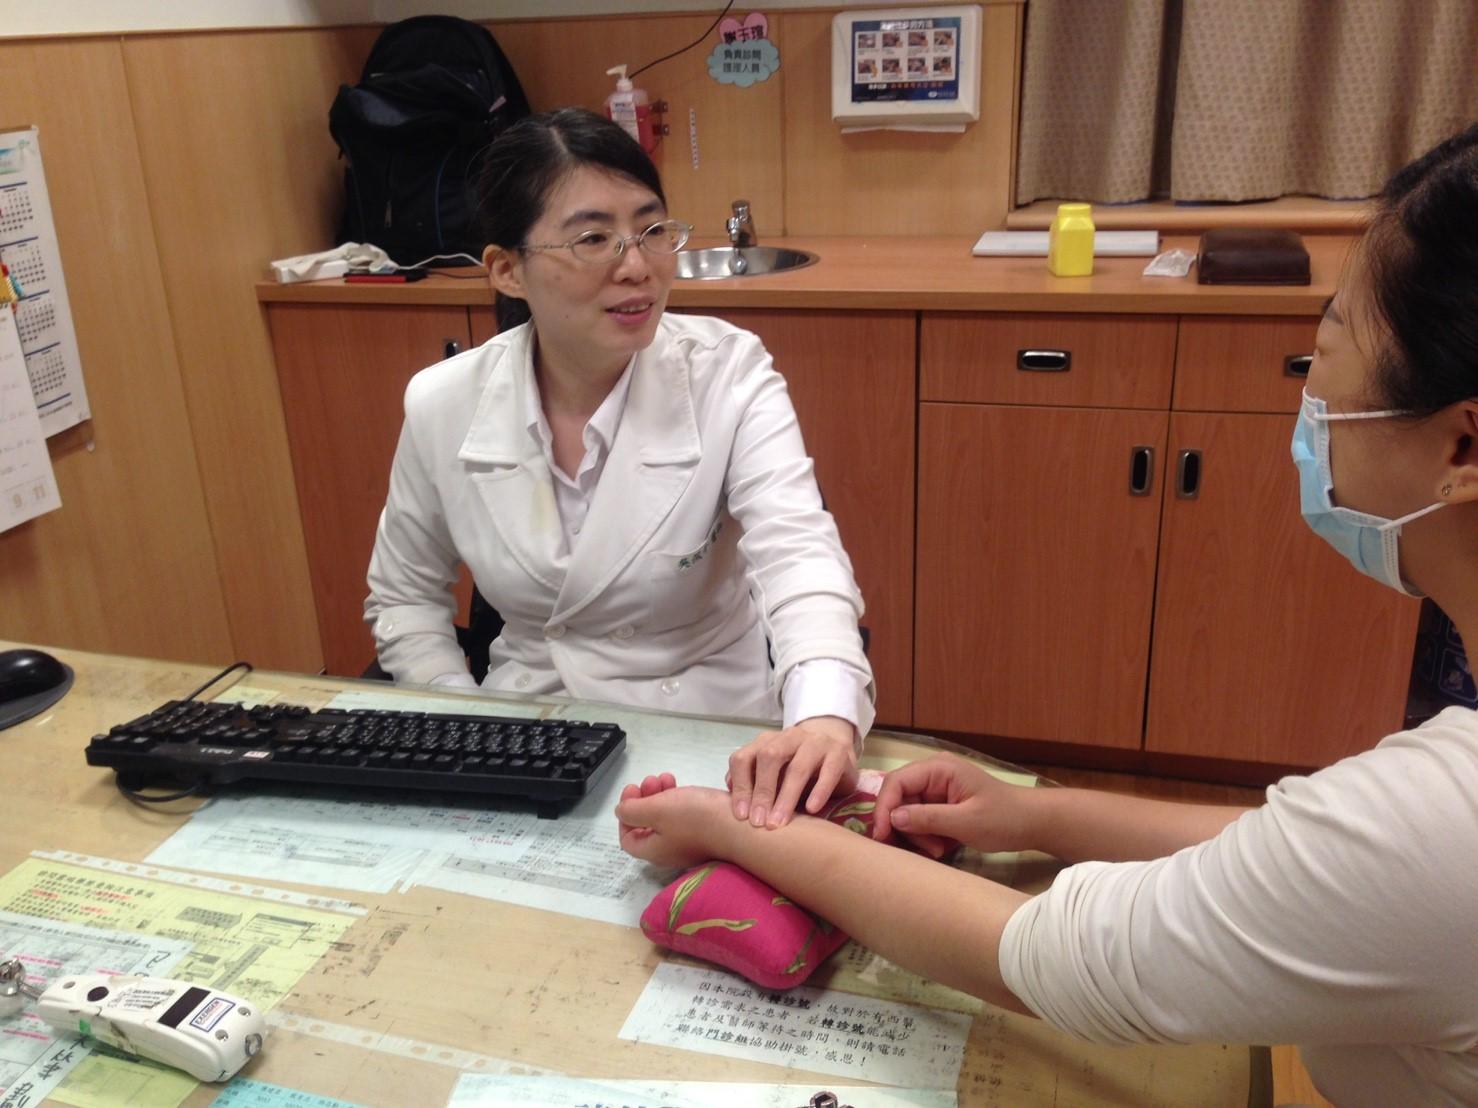 中醫師吳佩青表示,針對過敏性鼻炎,會針對不同體質給予不同的藥物治療。攝影/高凡淳